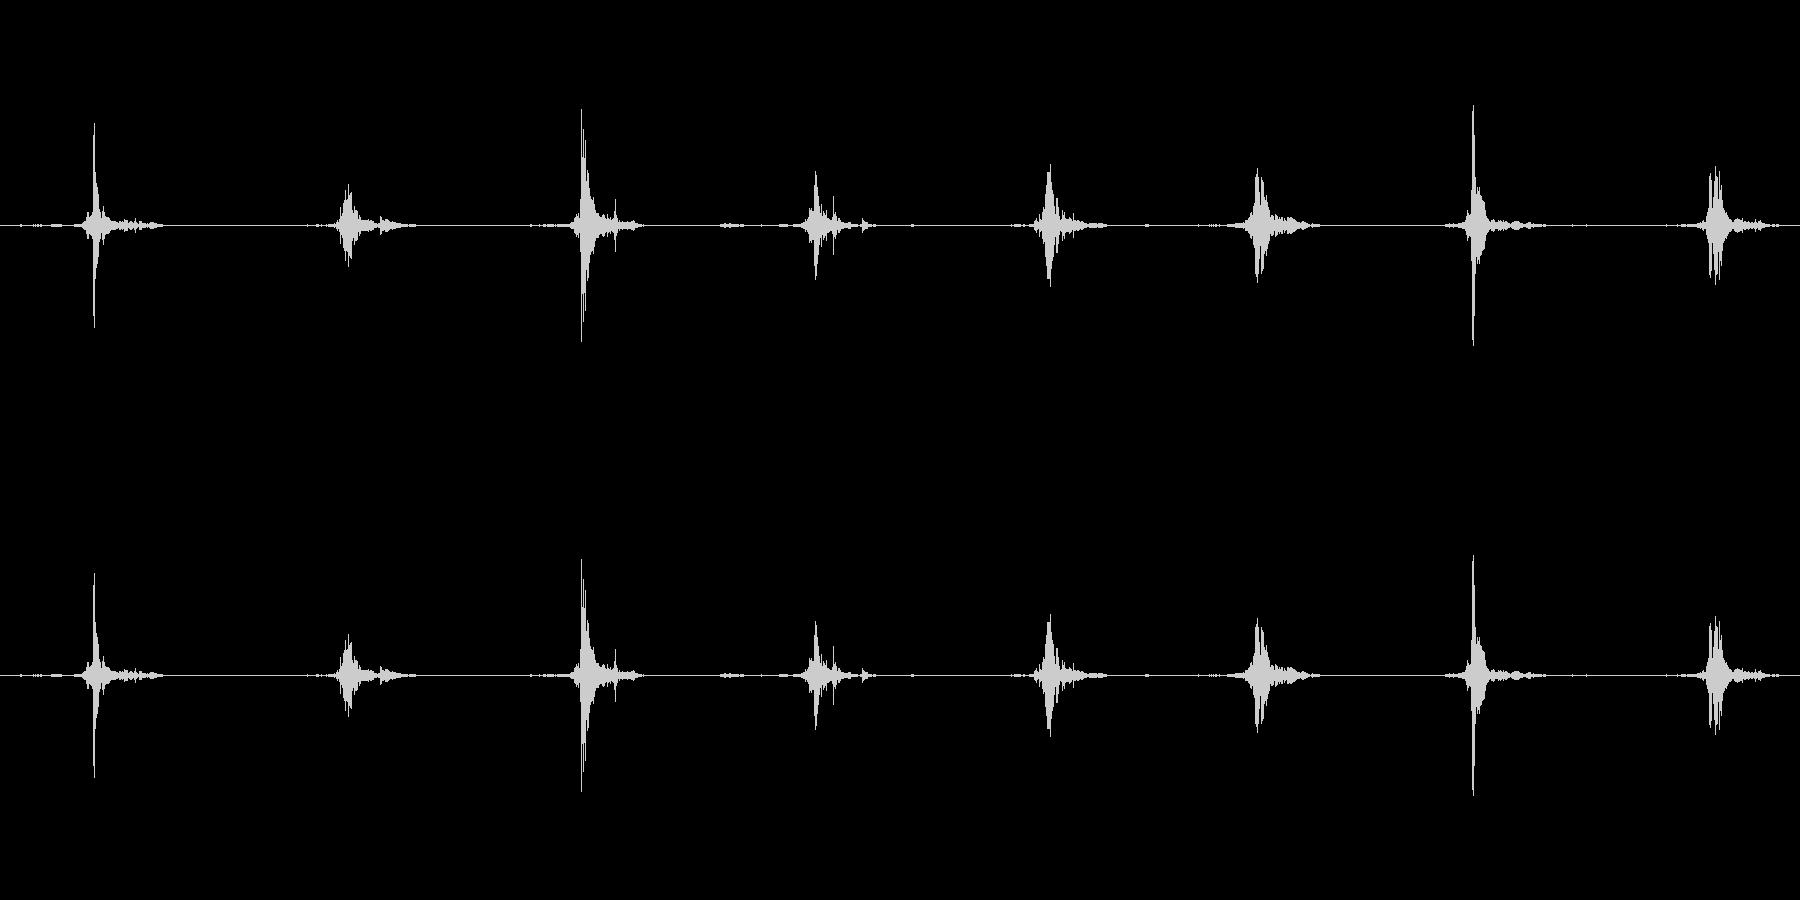 鳥 翼フラップ04の未再生の波形